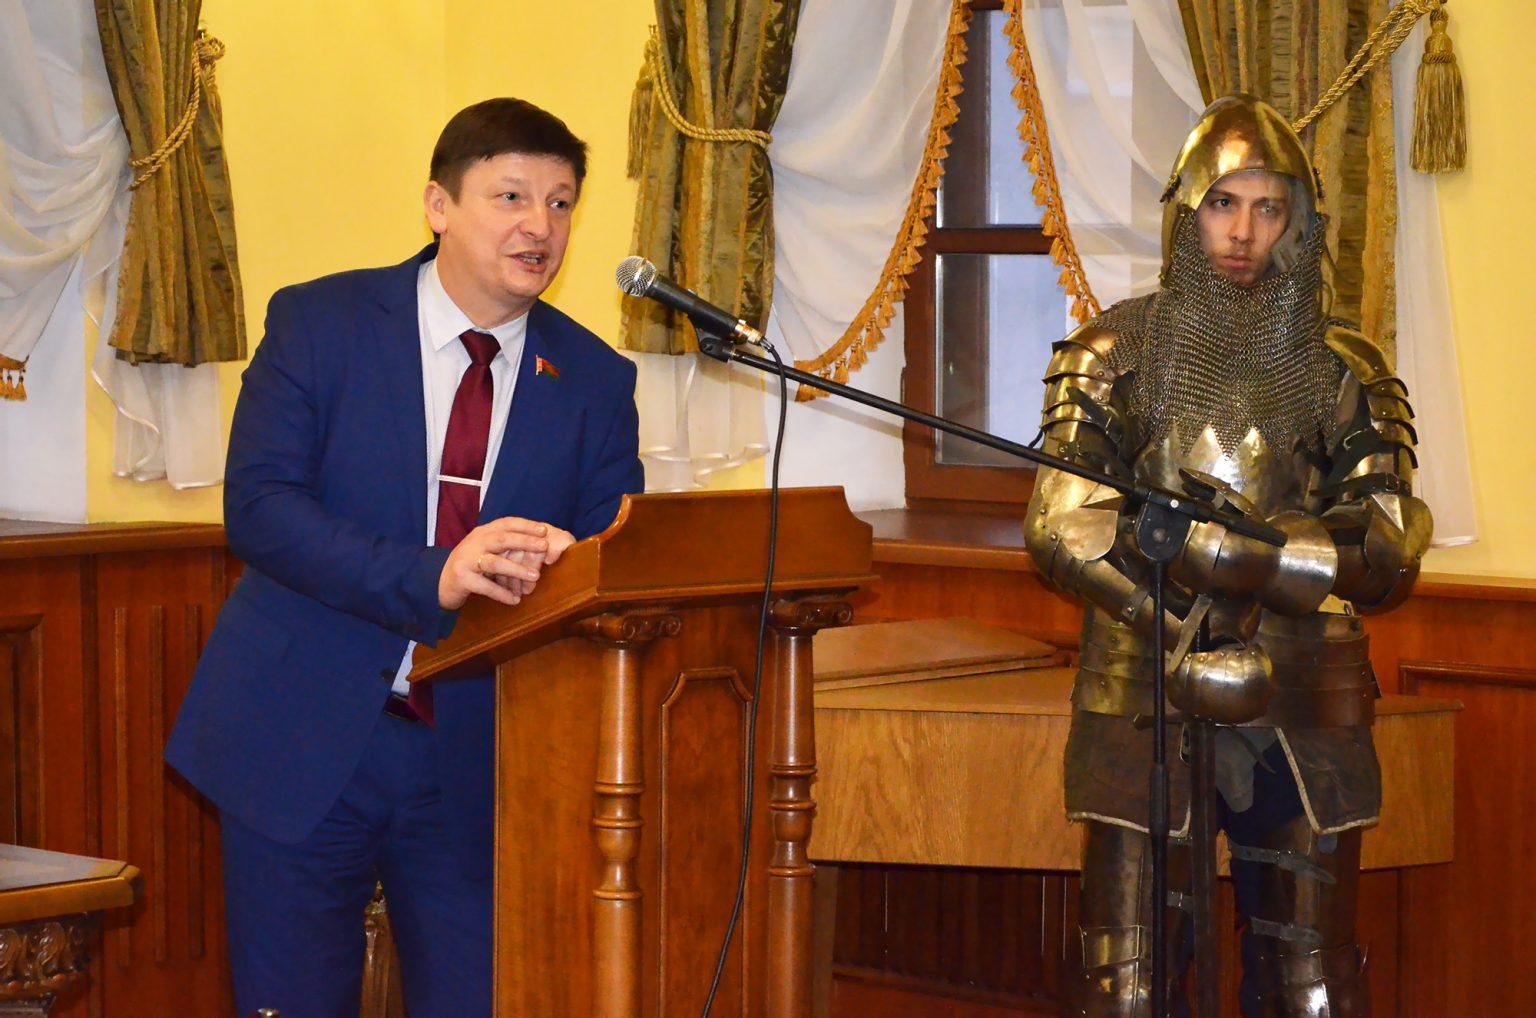 Лгуны, холуи, мерзавцы. Депутат Марзалюк агрессивно прошелся по людям, которые «патологически не любят белорусскую власть»